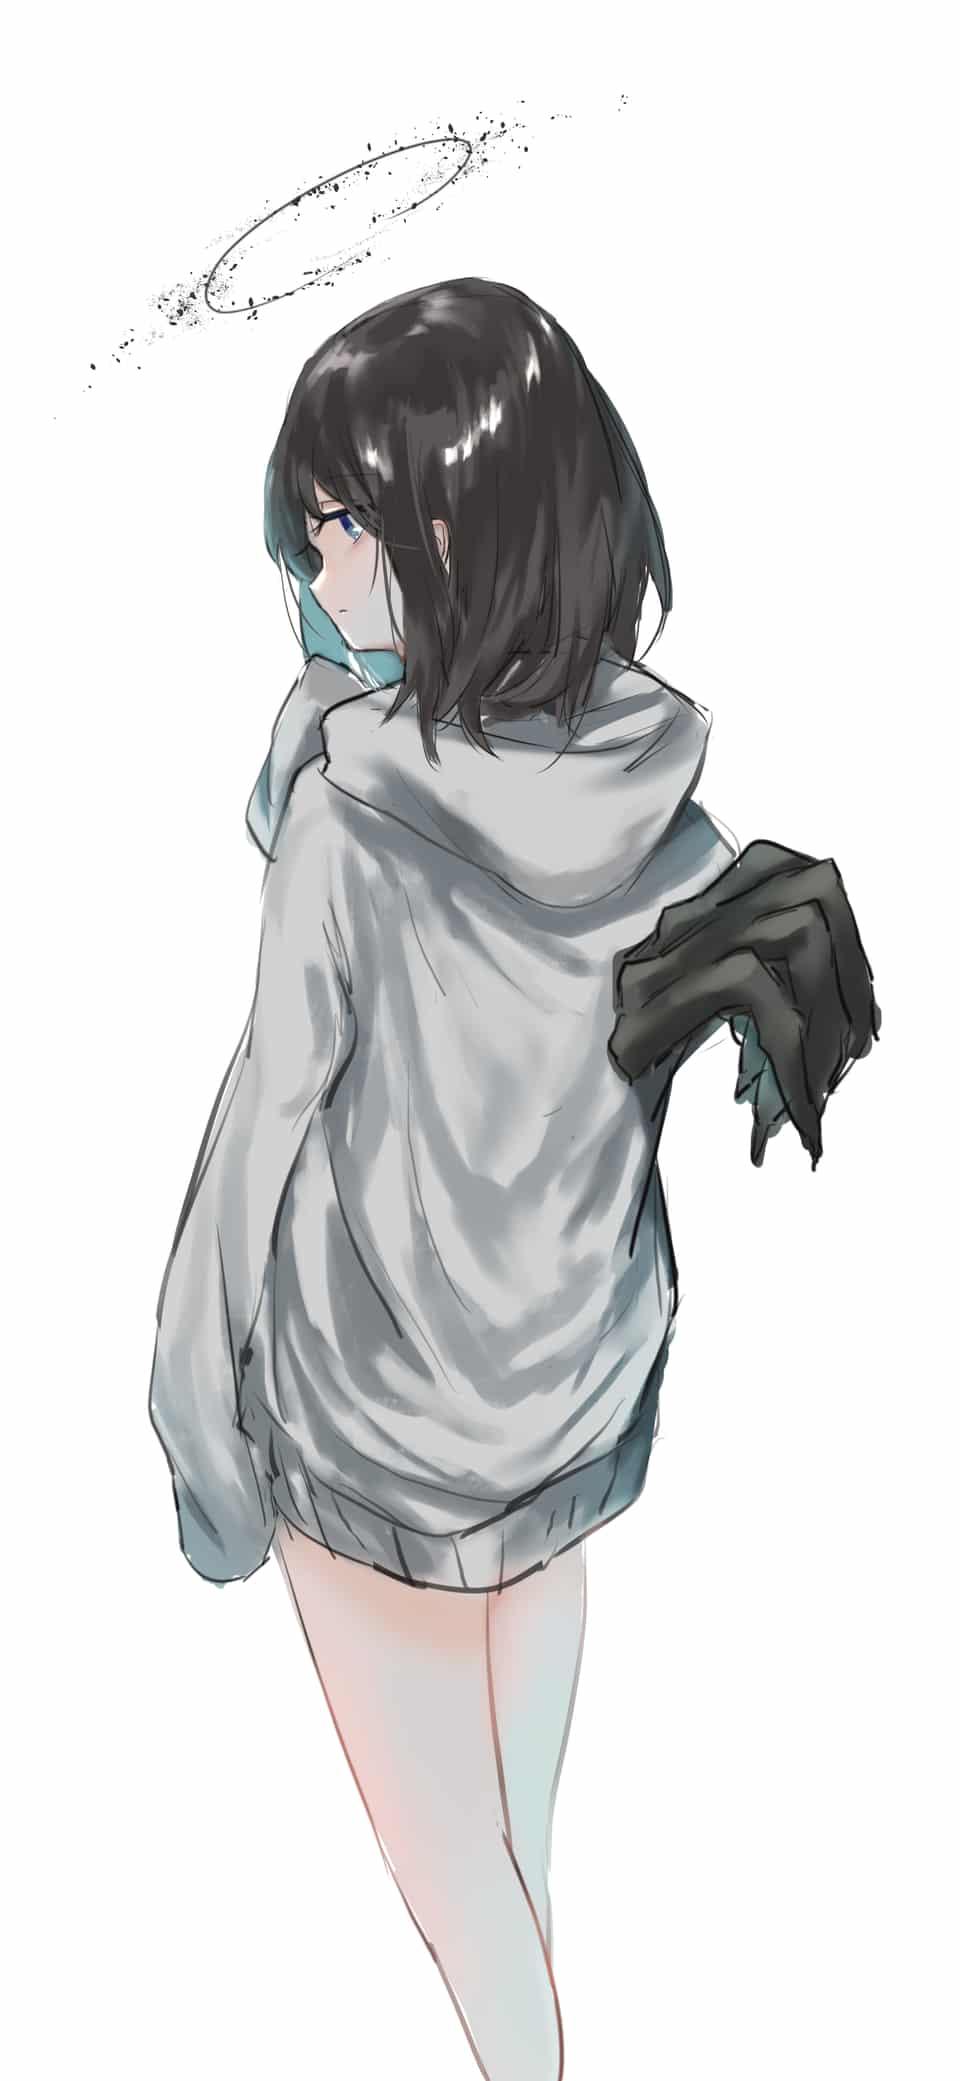 10/4日が天使の日だったのでうちの天使ちゃん Illust of そねまこと 手んし angel ルイちゃん original